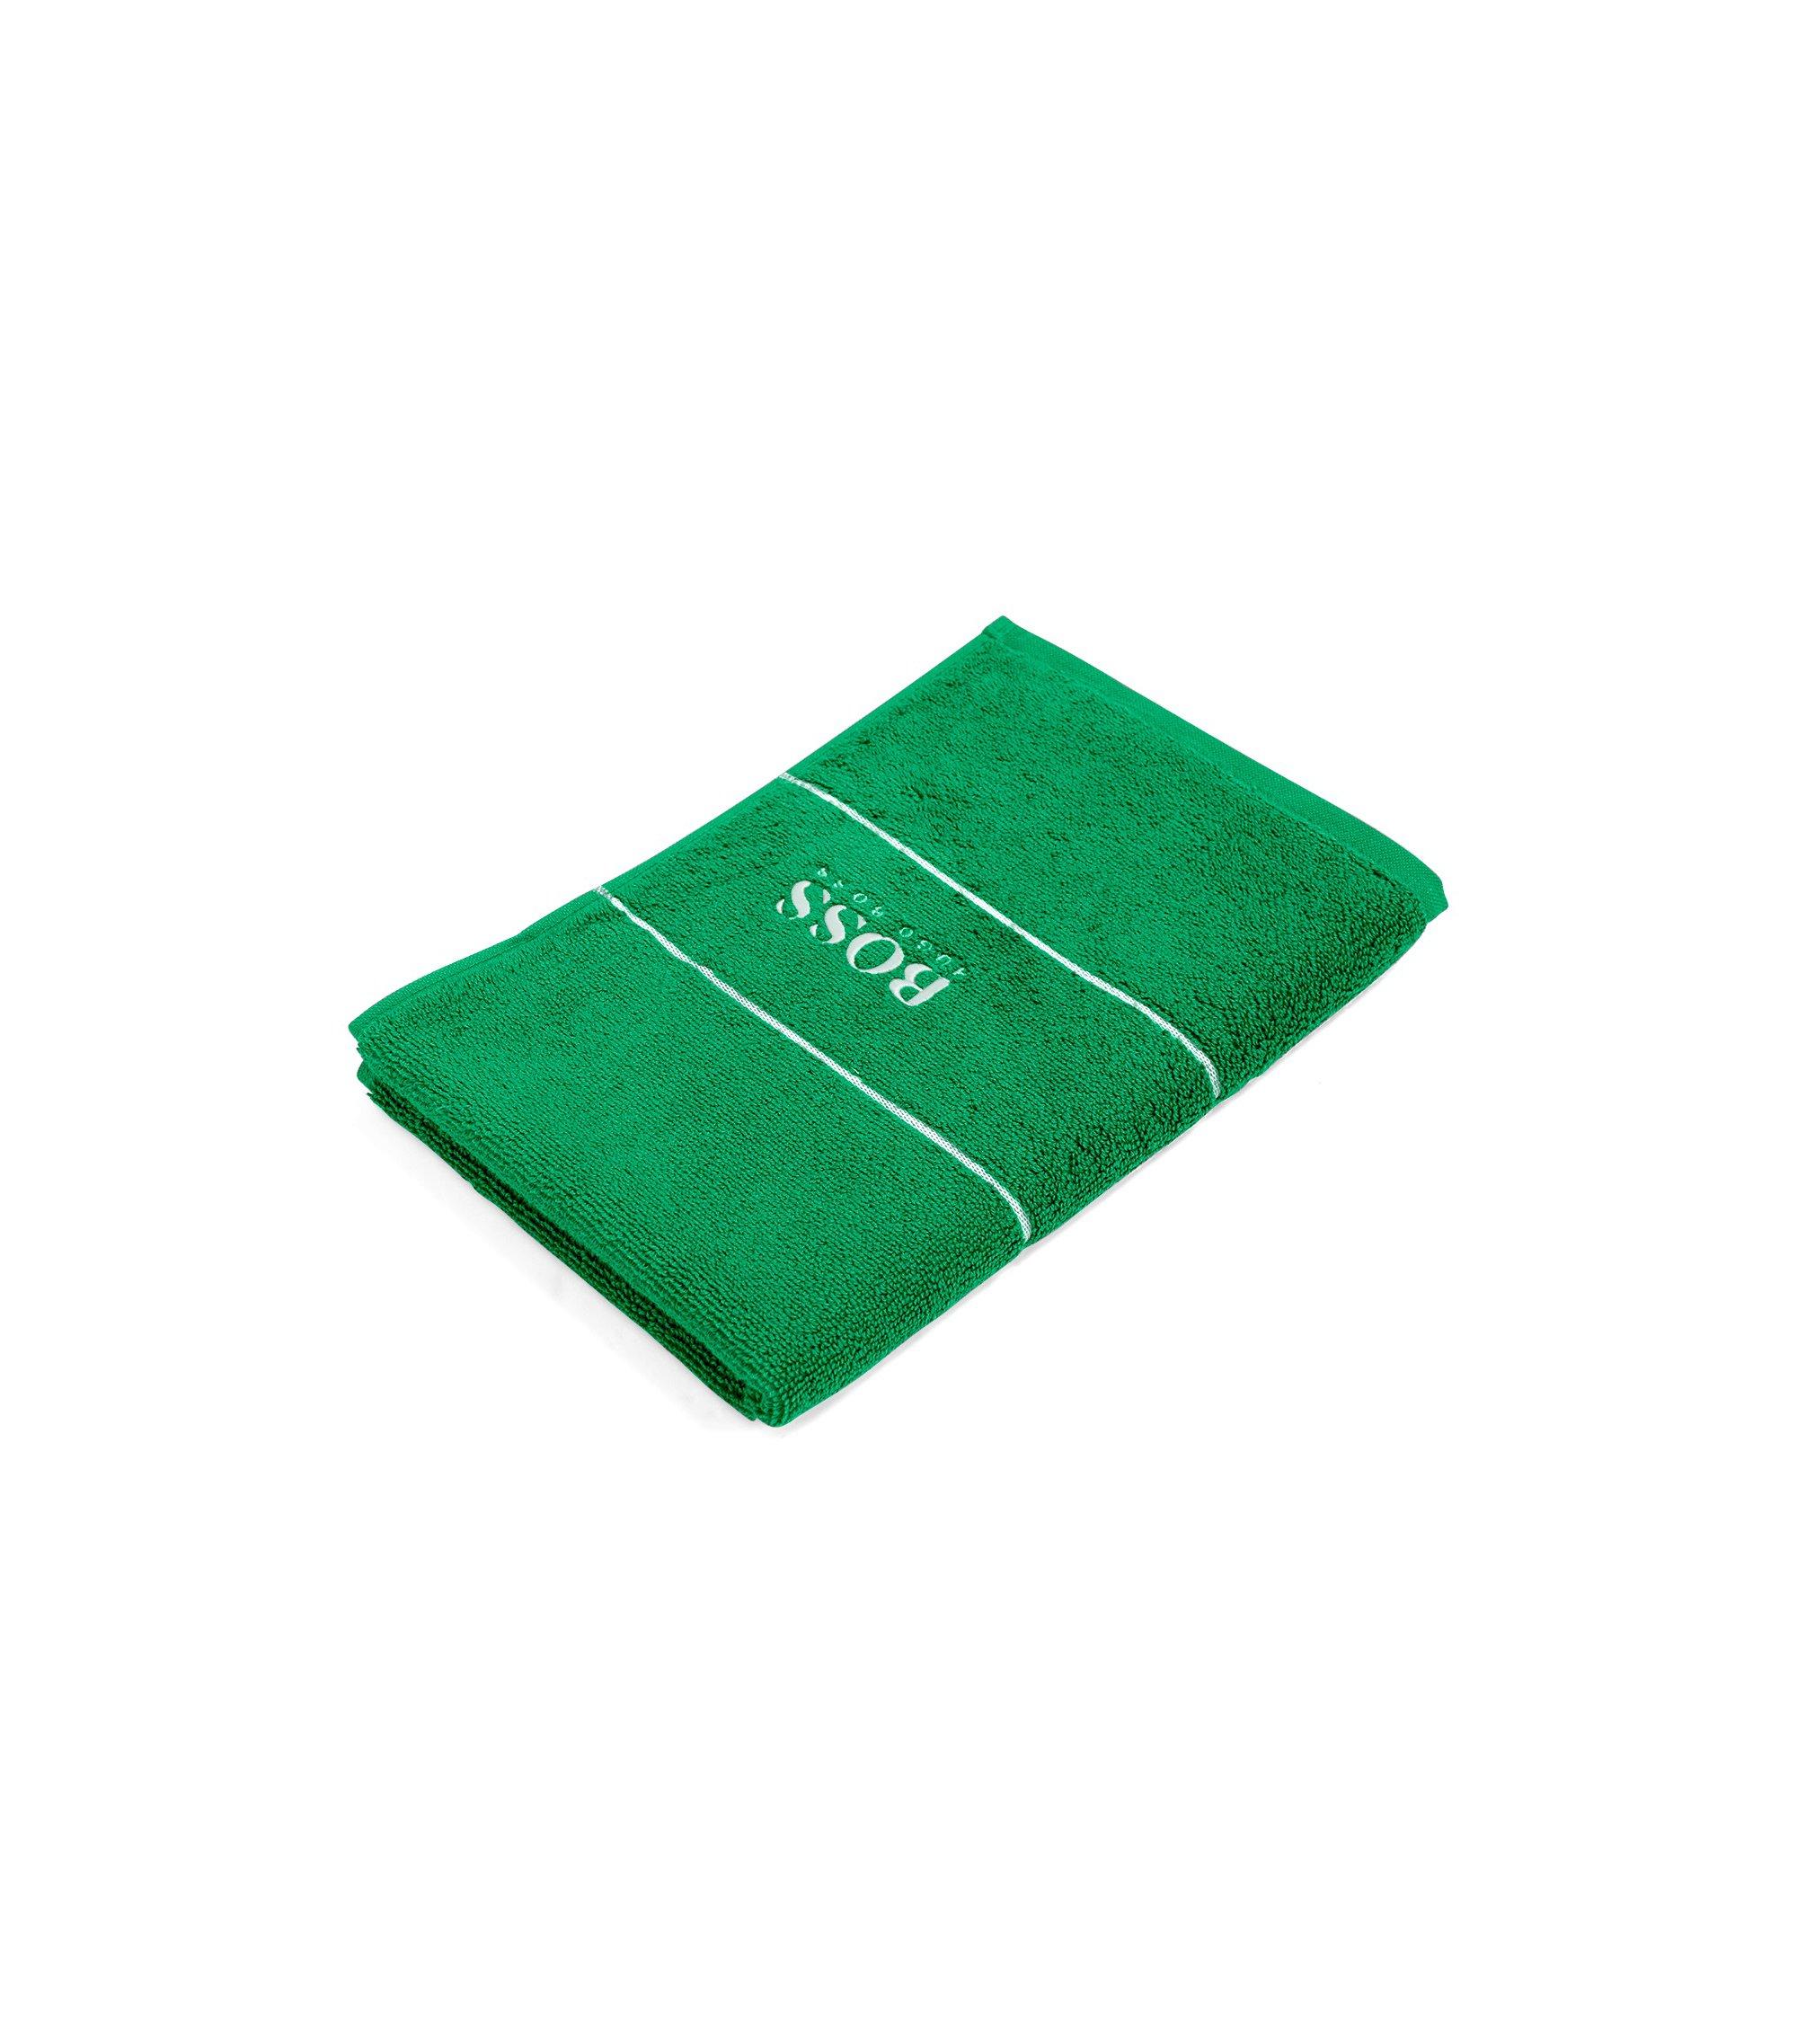 Toalla para invitados en algodón egipcio de la máxima calidad con logo en el borde, Verde